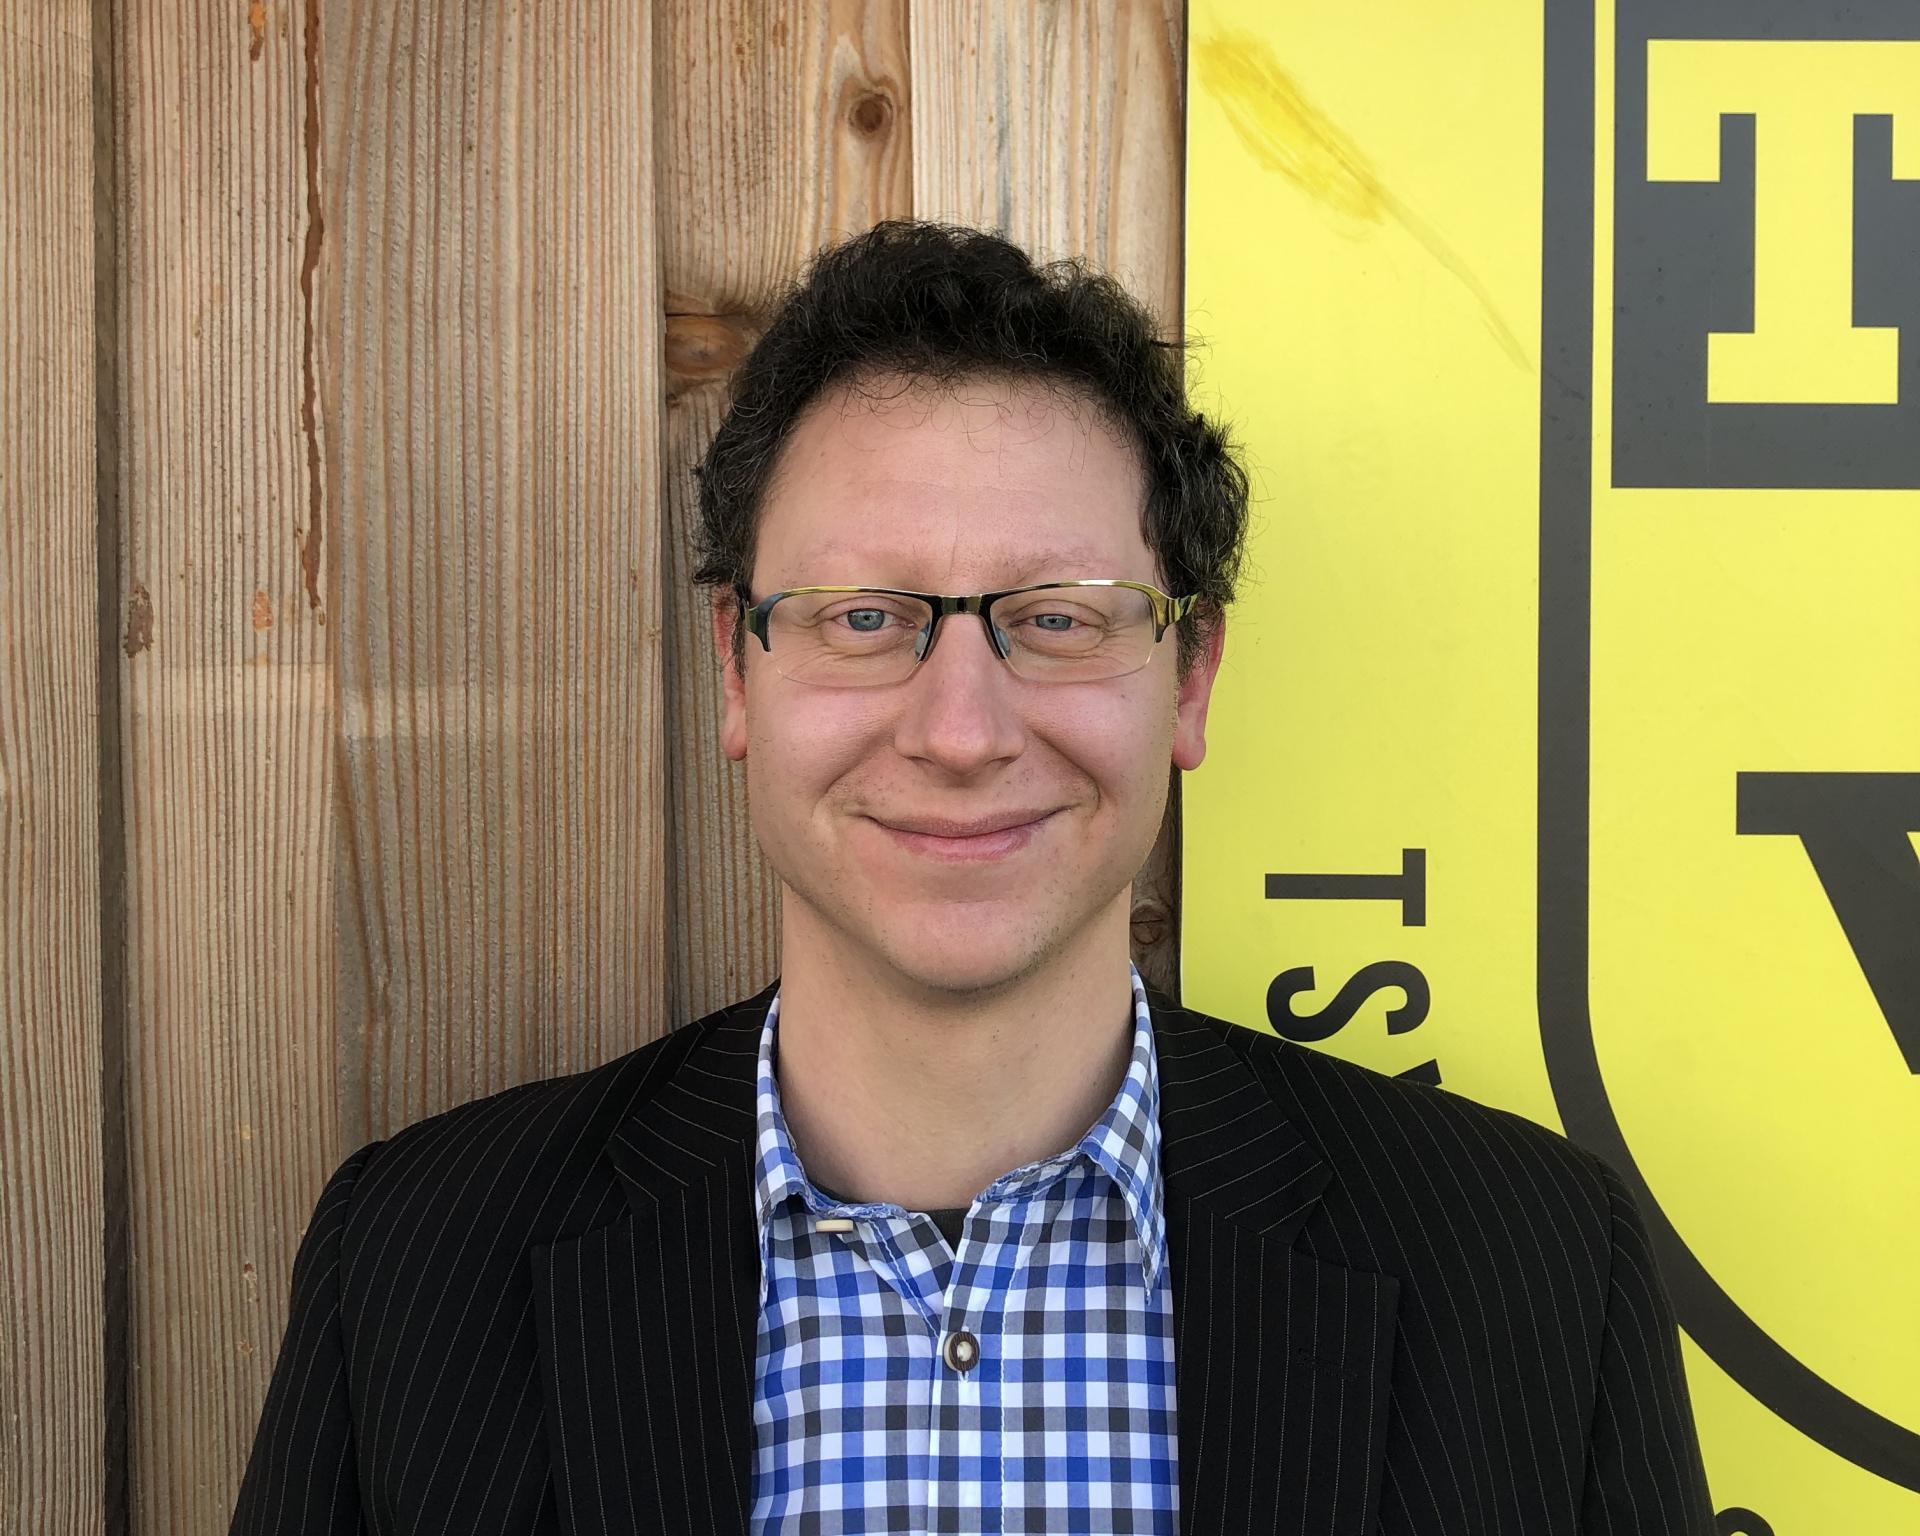 Daniel Strietz